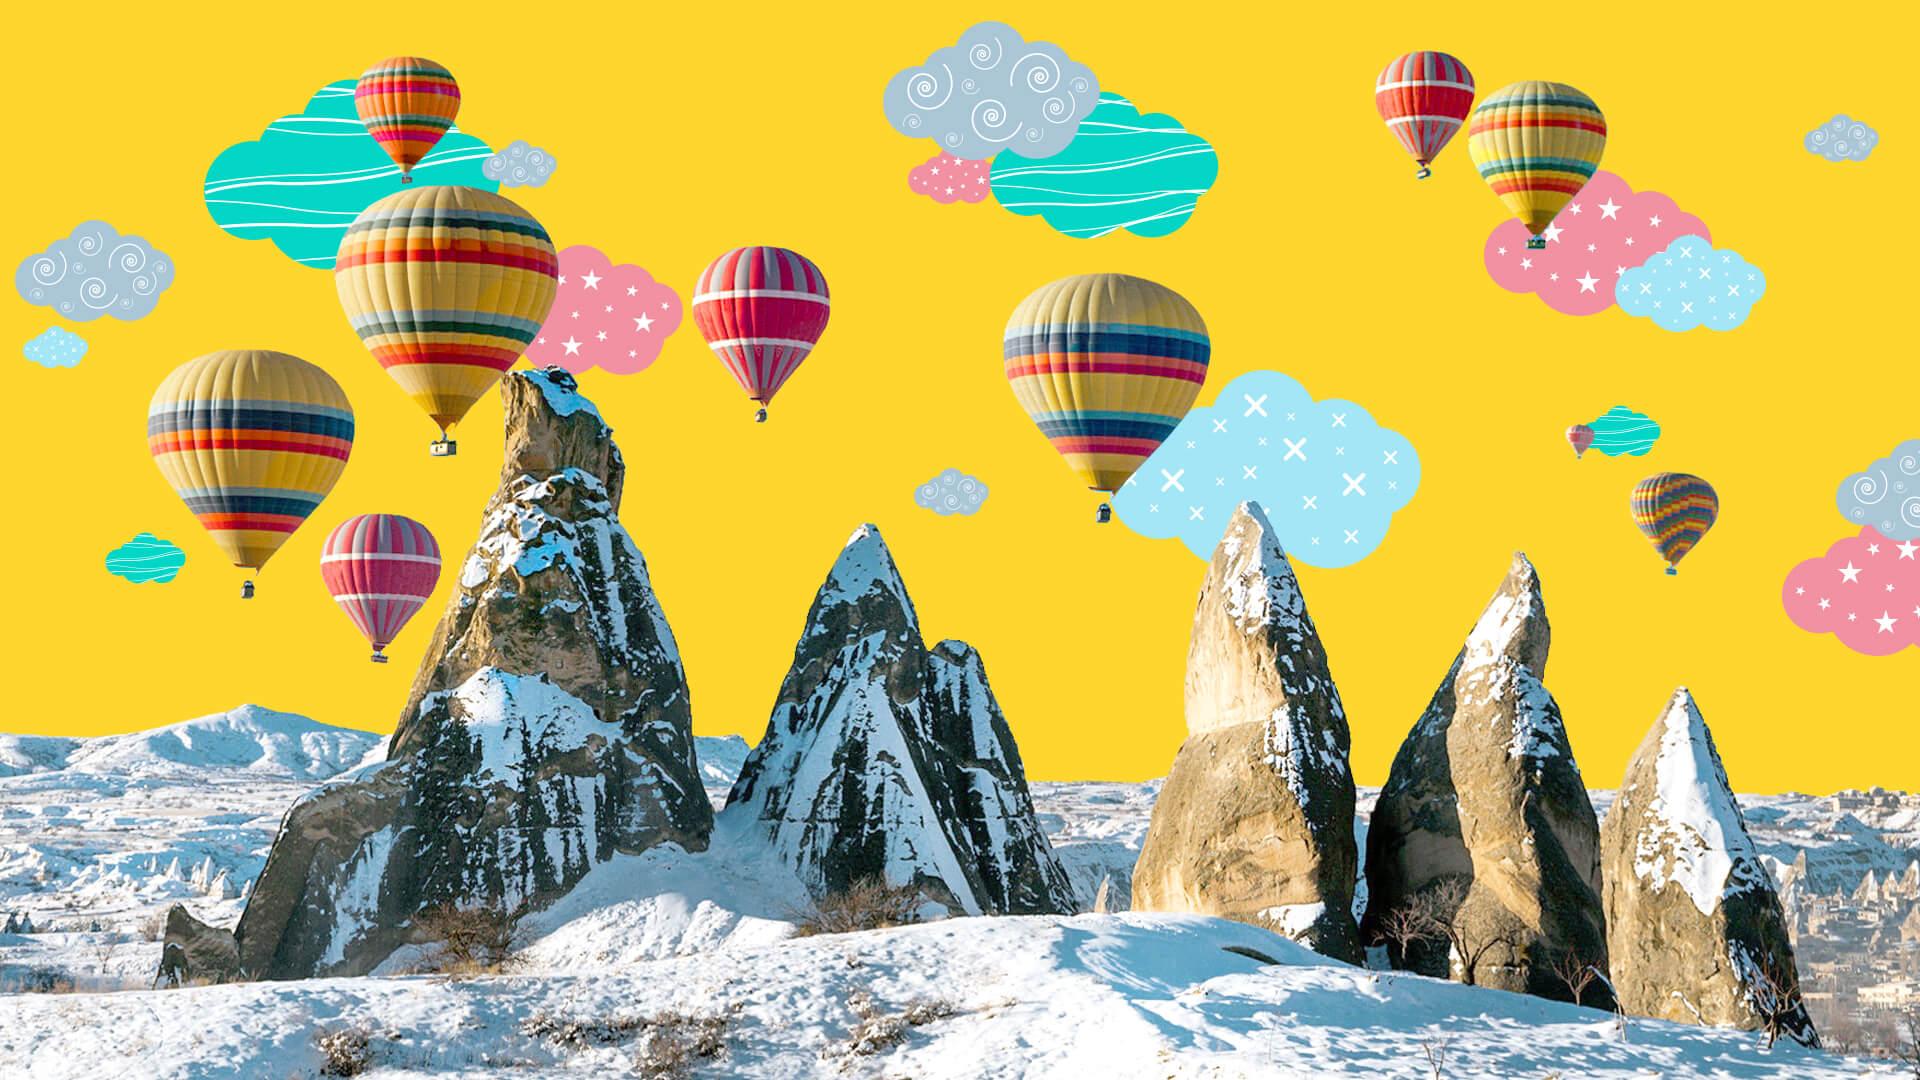 balon turu